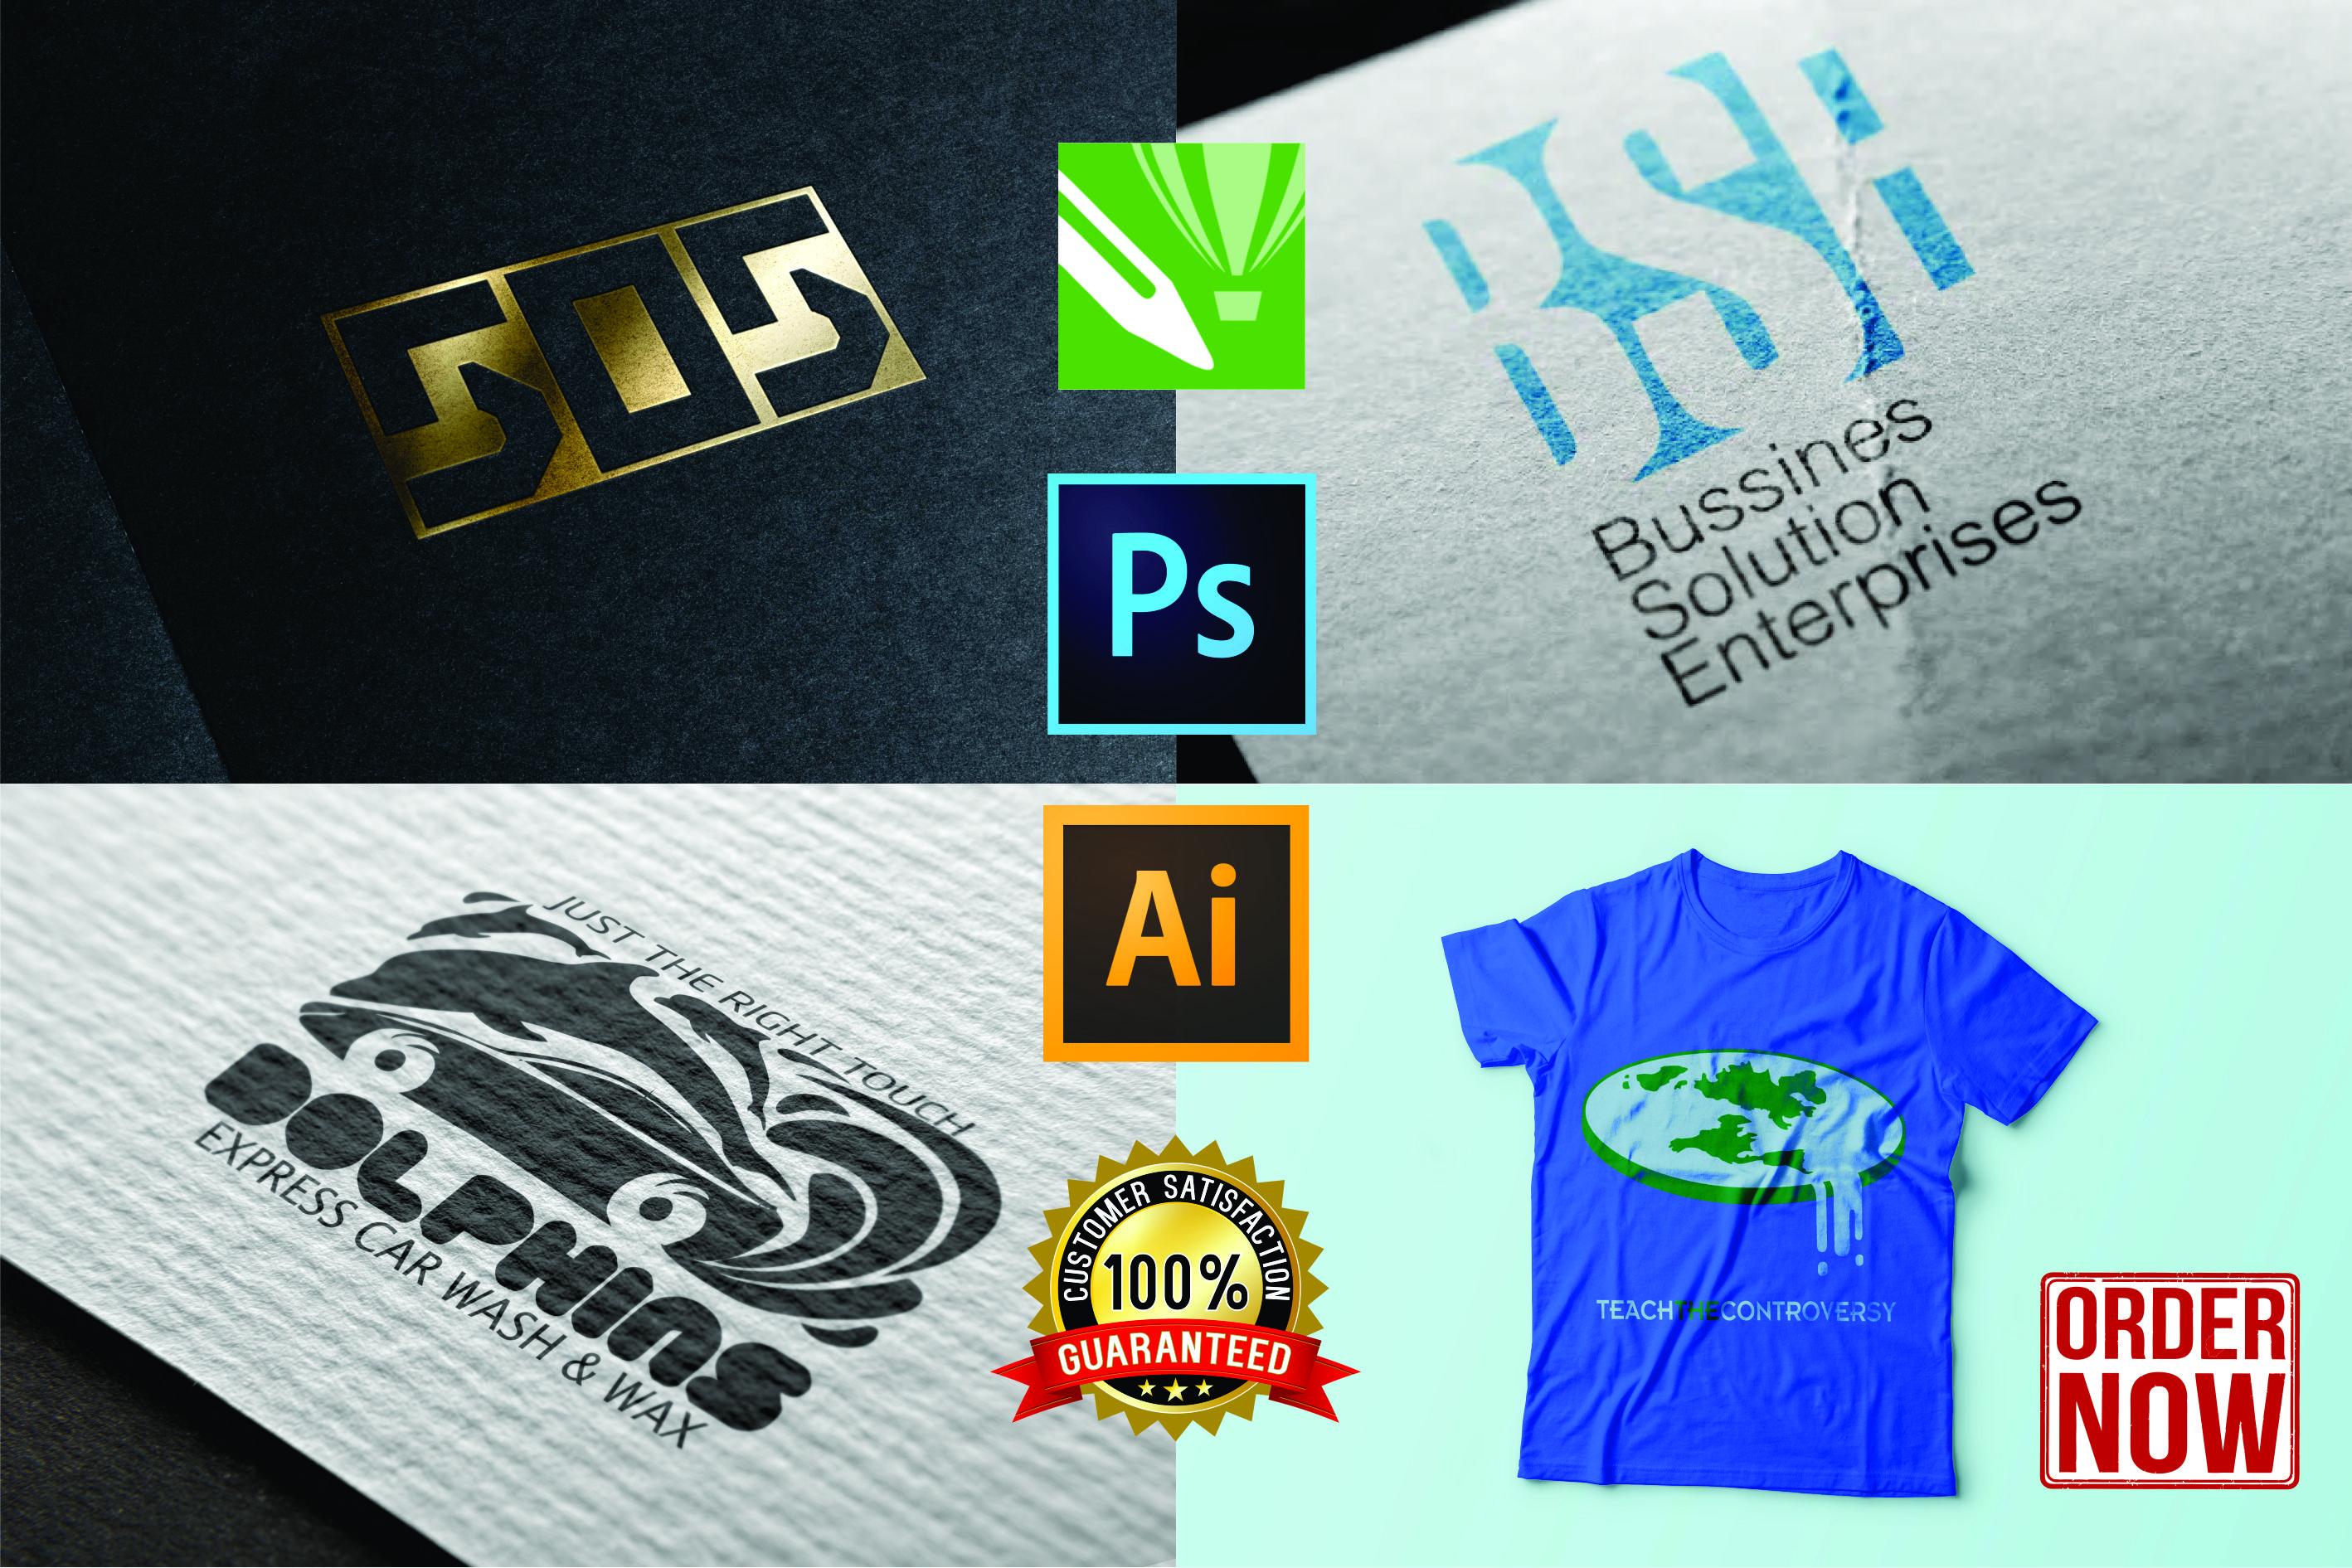 Design 3D mock up logo and t shirt design for you